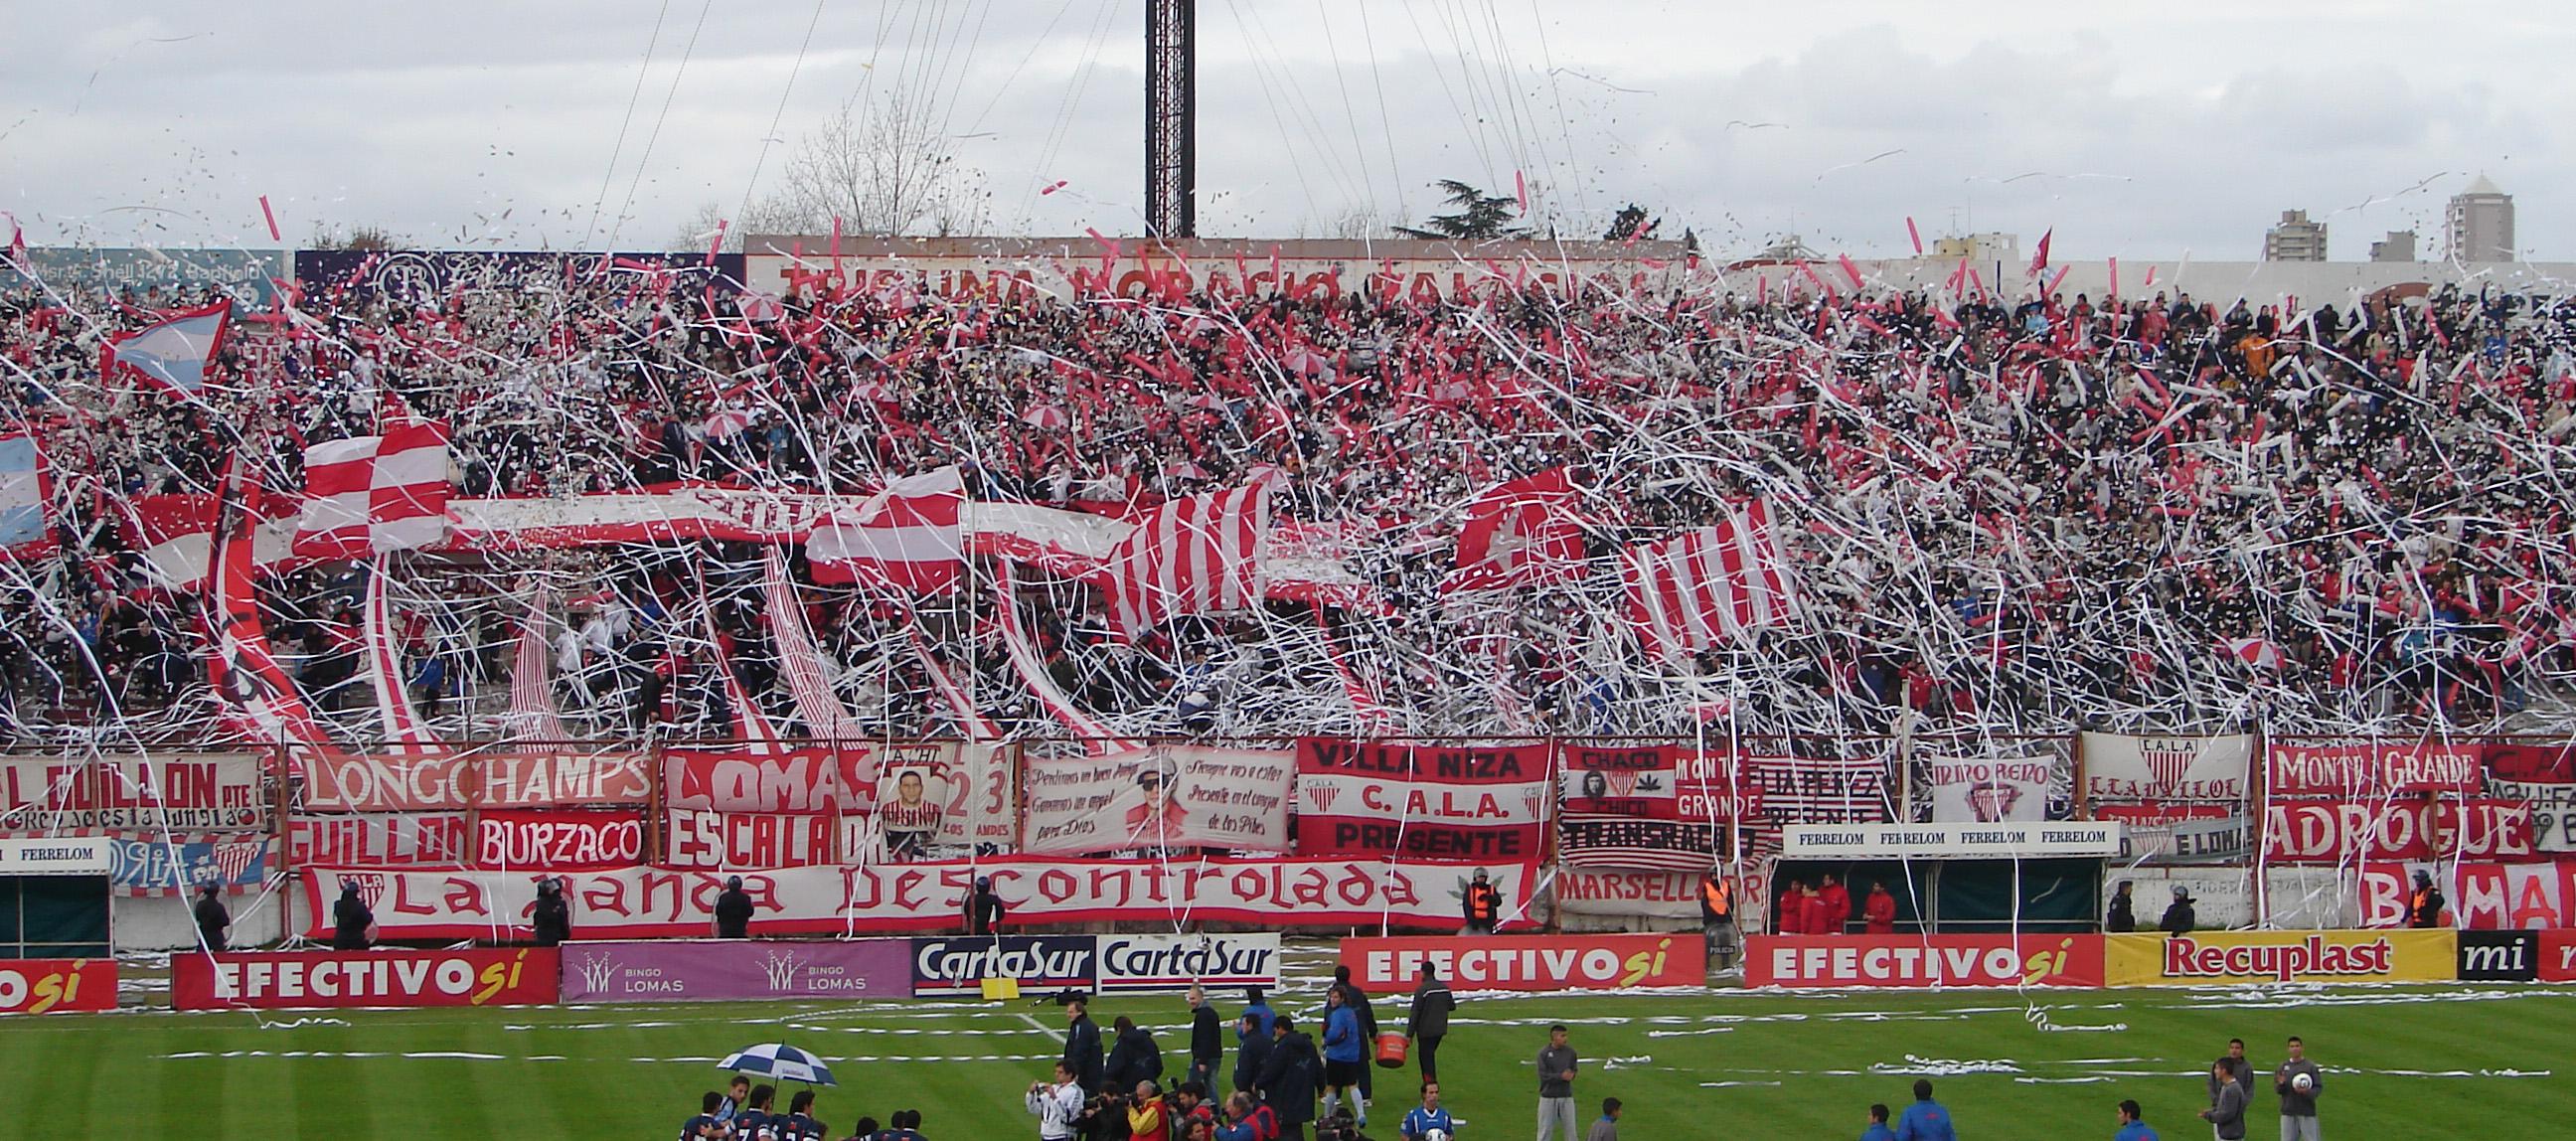 Los Andes campeón